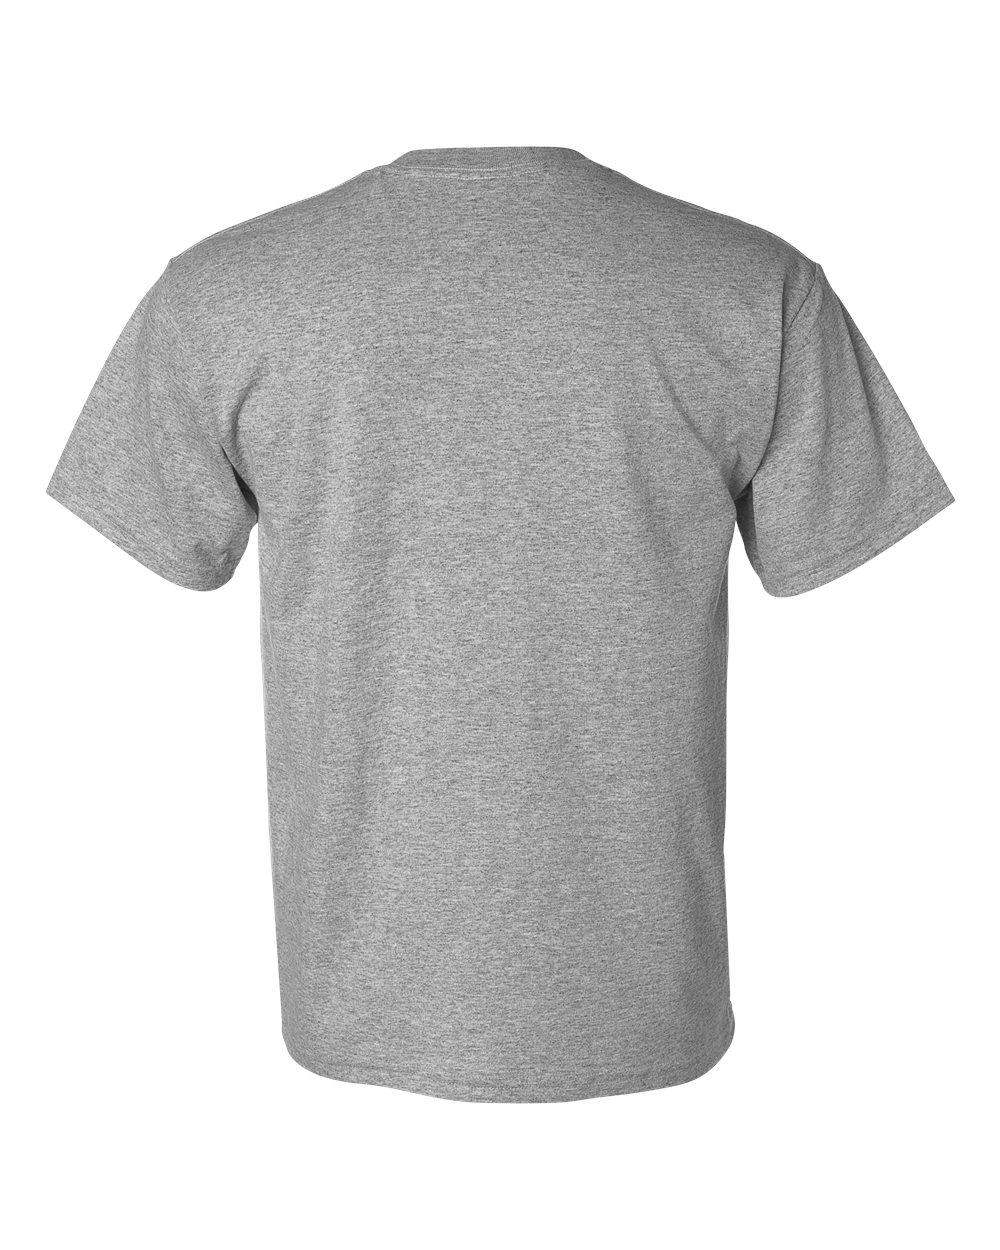 Gildan-Mens-DryBlend-5-6-oz-50-50-T-Shirt-G800-Size-S-5XL thumbnail 84